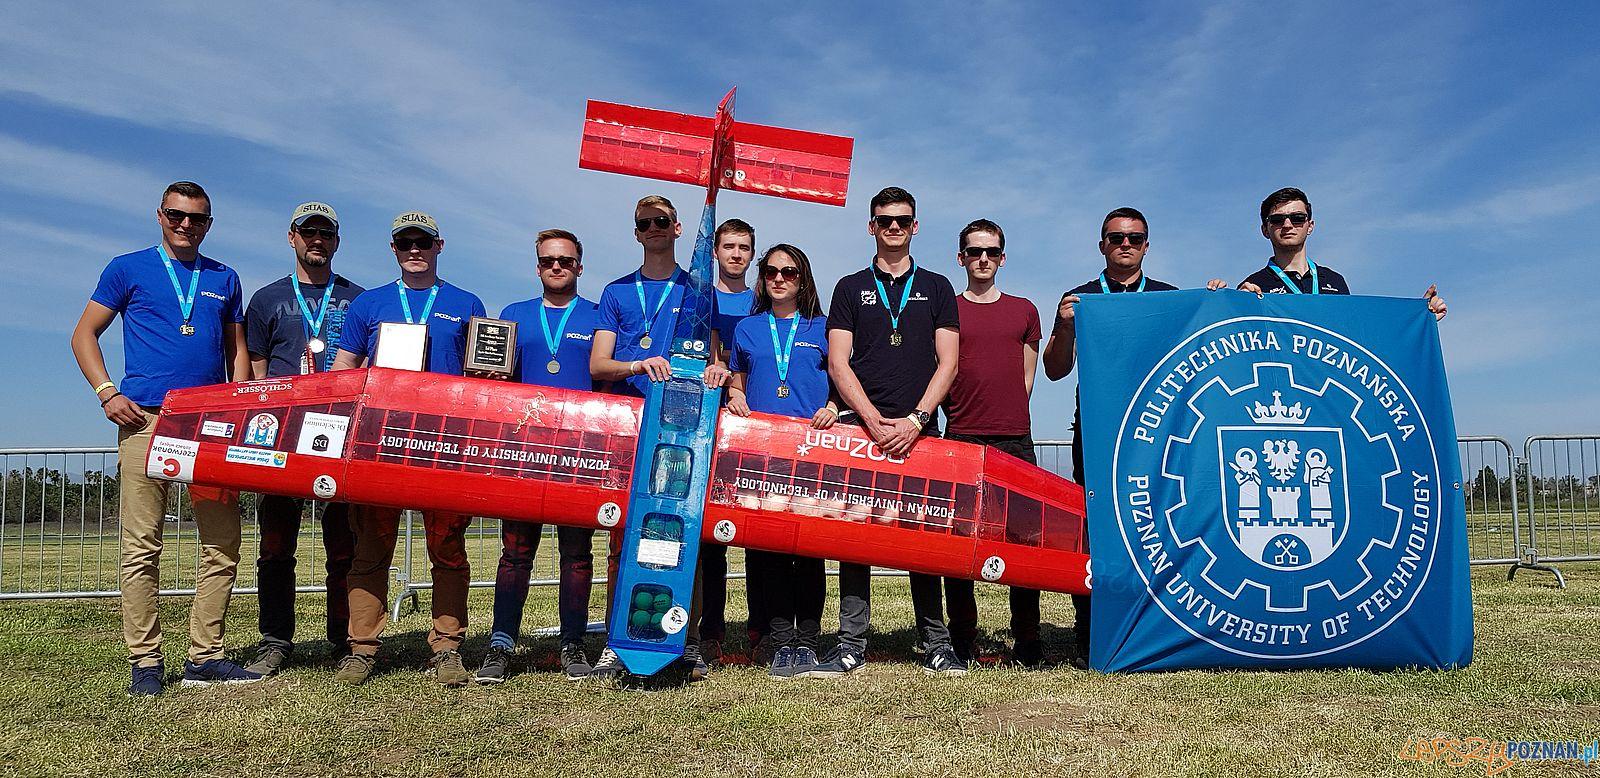 Aero Design - zlote medale studentów Politechniki (1)  Foto: materiały prasowe